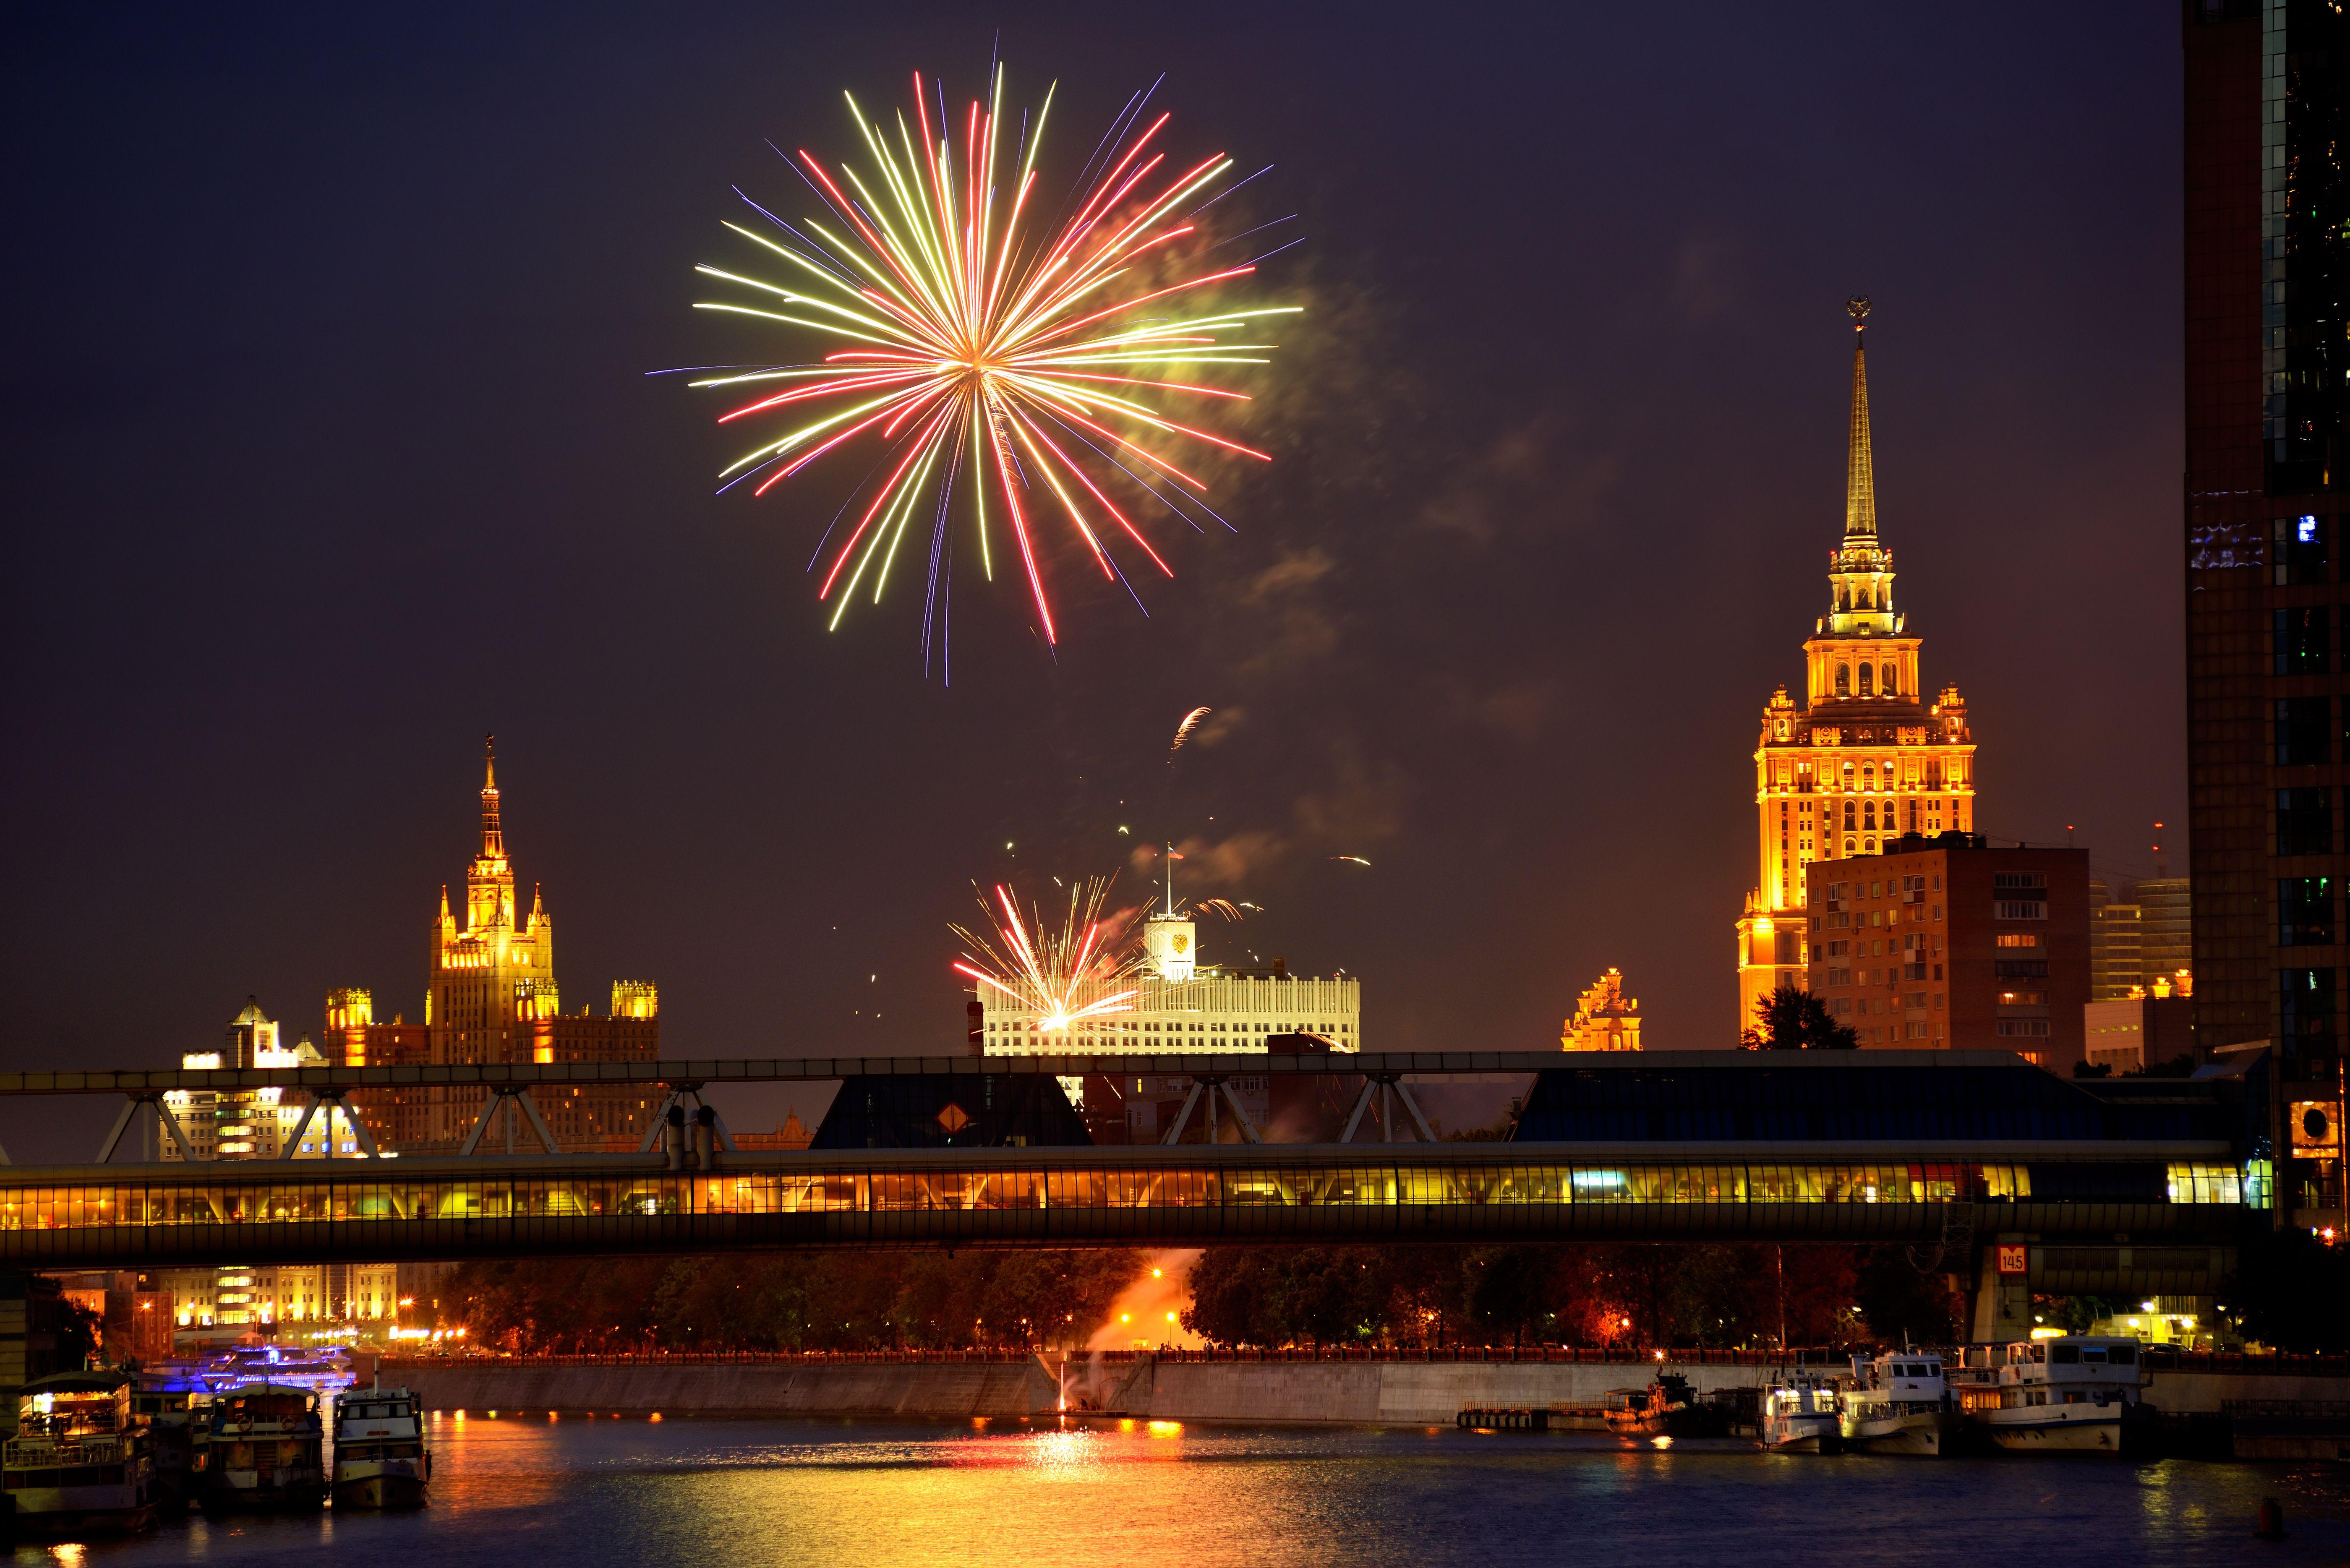 Mit Blick auf Feuerwerk über Weißes Hause und Bagration-Brücke bei Nacht, Moskau, Russland